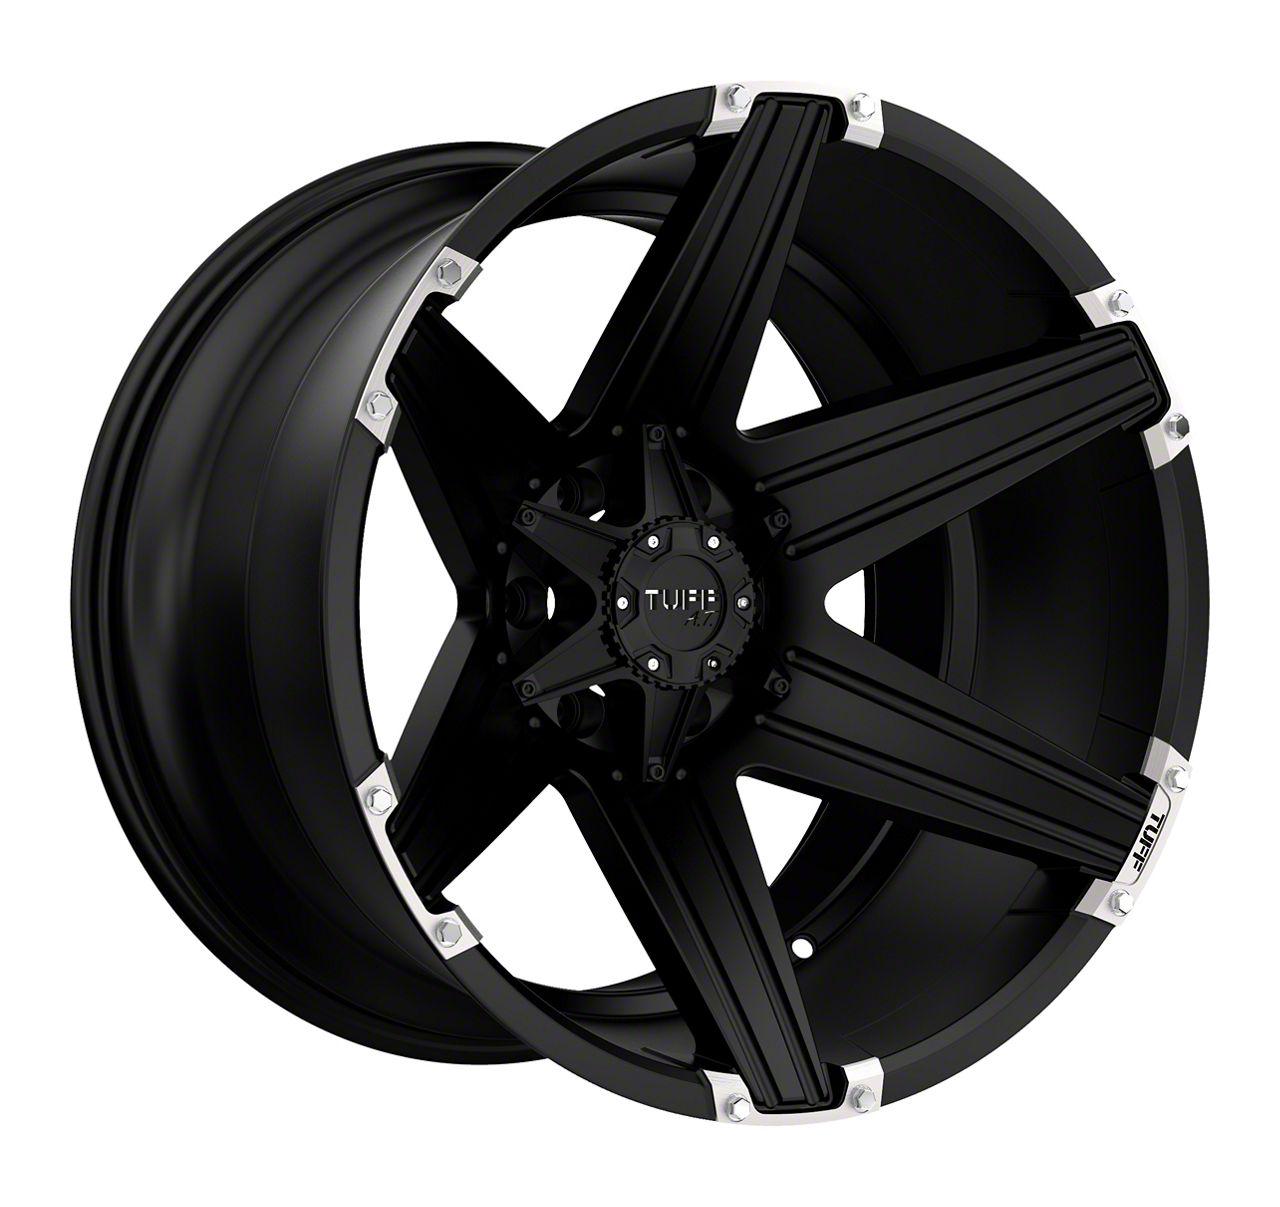 Tuff A.T. T12 Satin Black w/ Brushed Inserts 5-Lug Wheel - 22x12 (97-03 F-150)